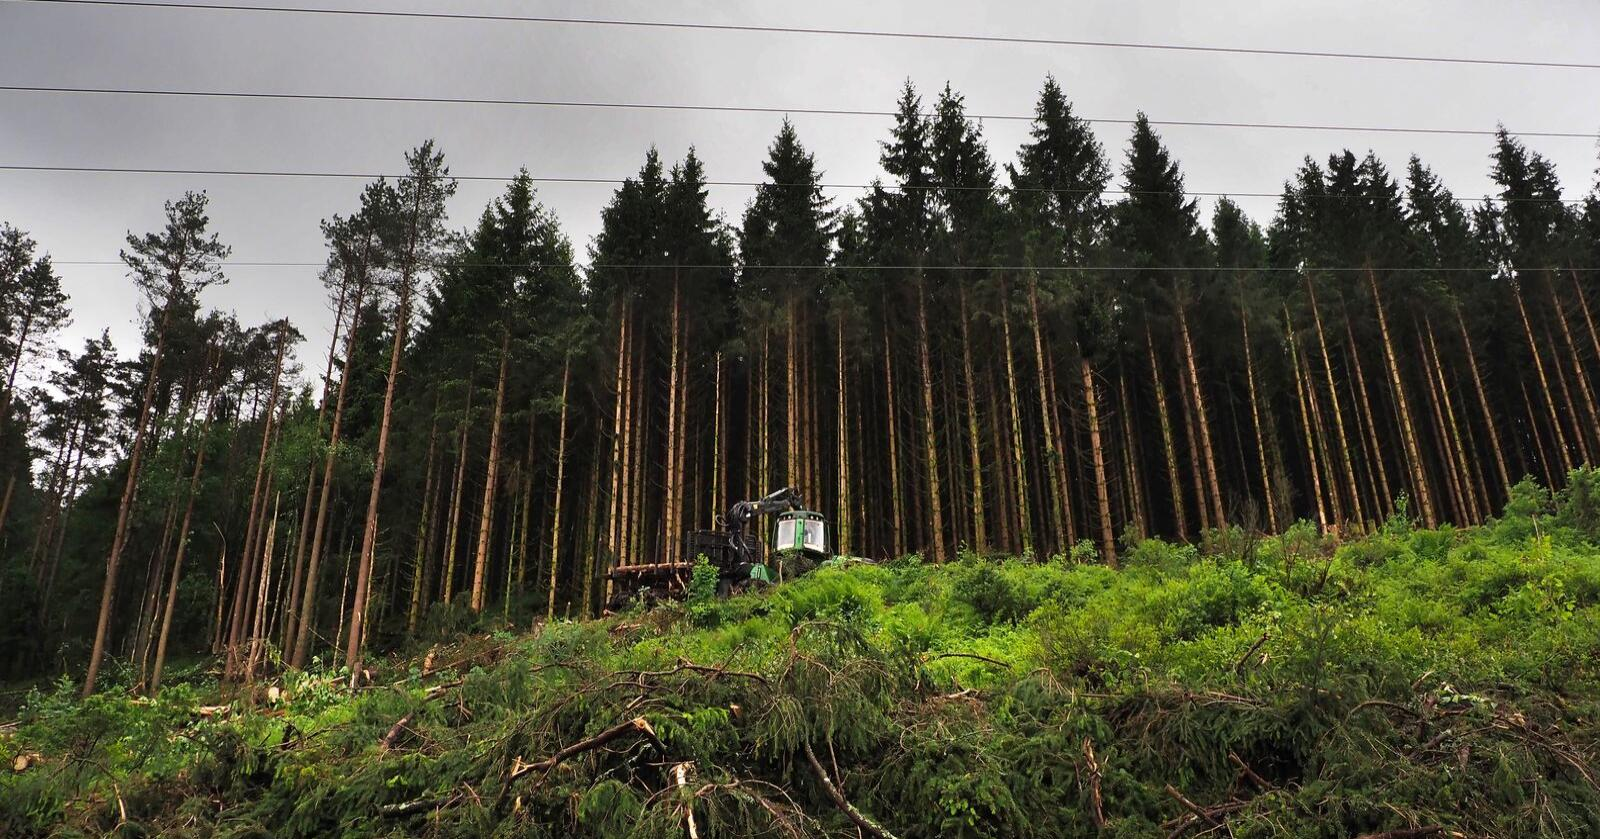 Skogen skal brukes som et viktig verktøy i kampen mot Norges CO2-utslipp, ifølge regjeringen. Illustrasjonsfoto: Siri Juell Rasmussen